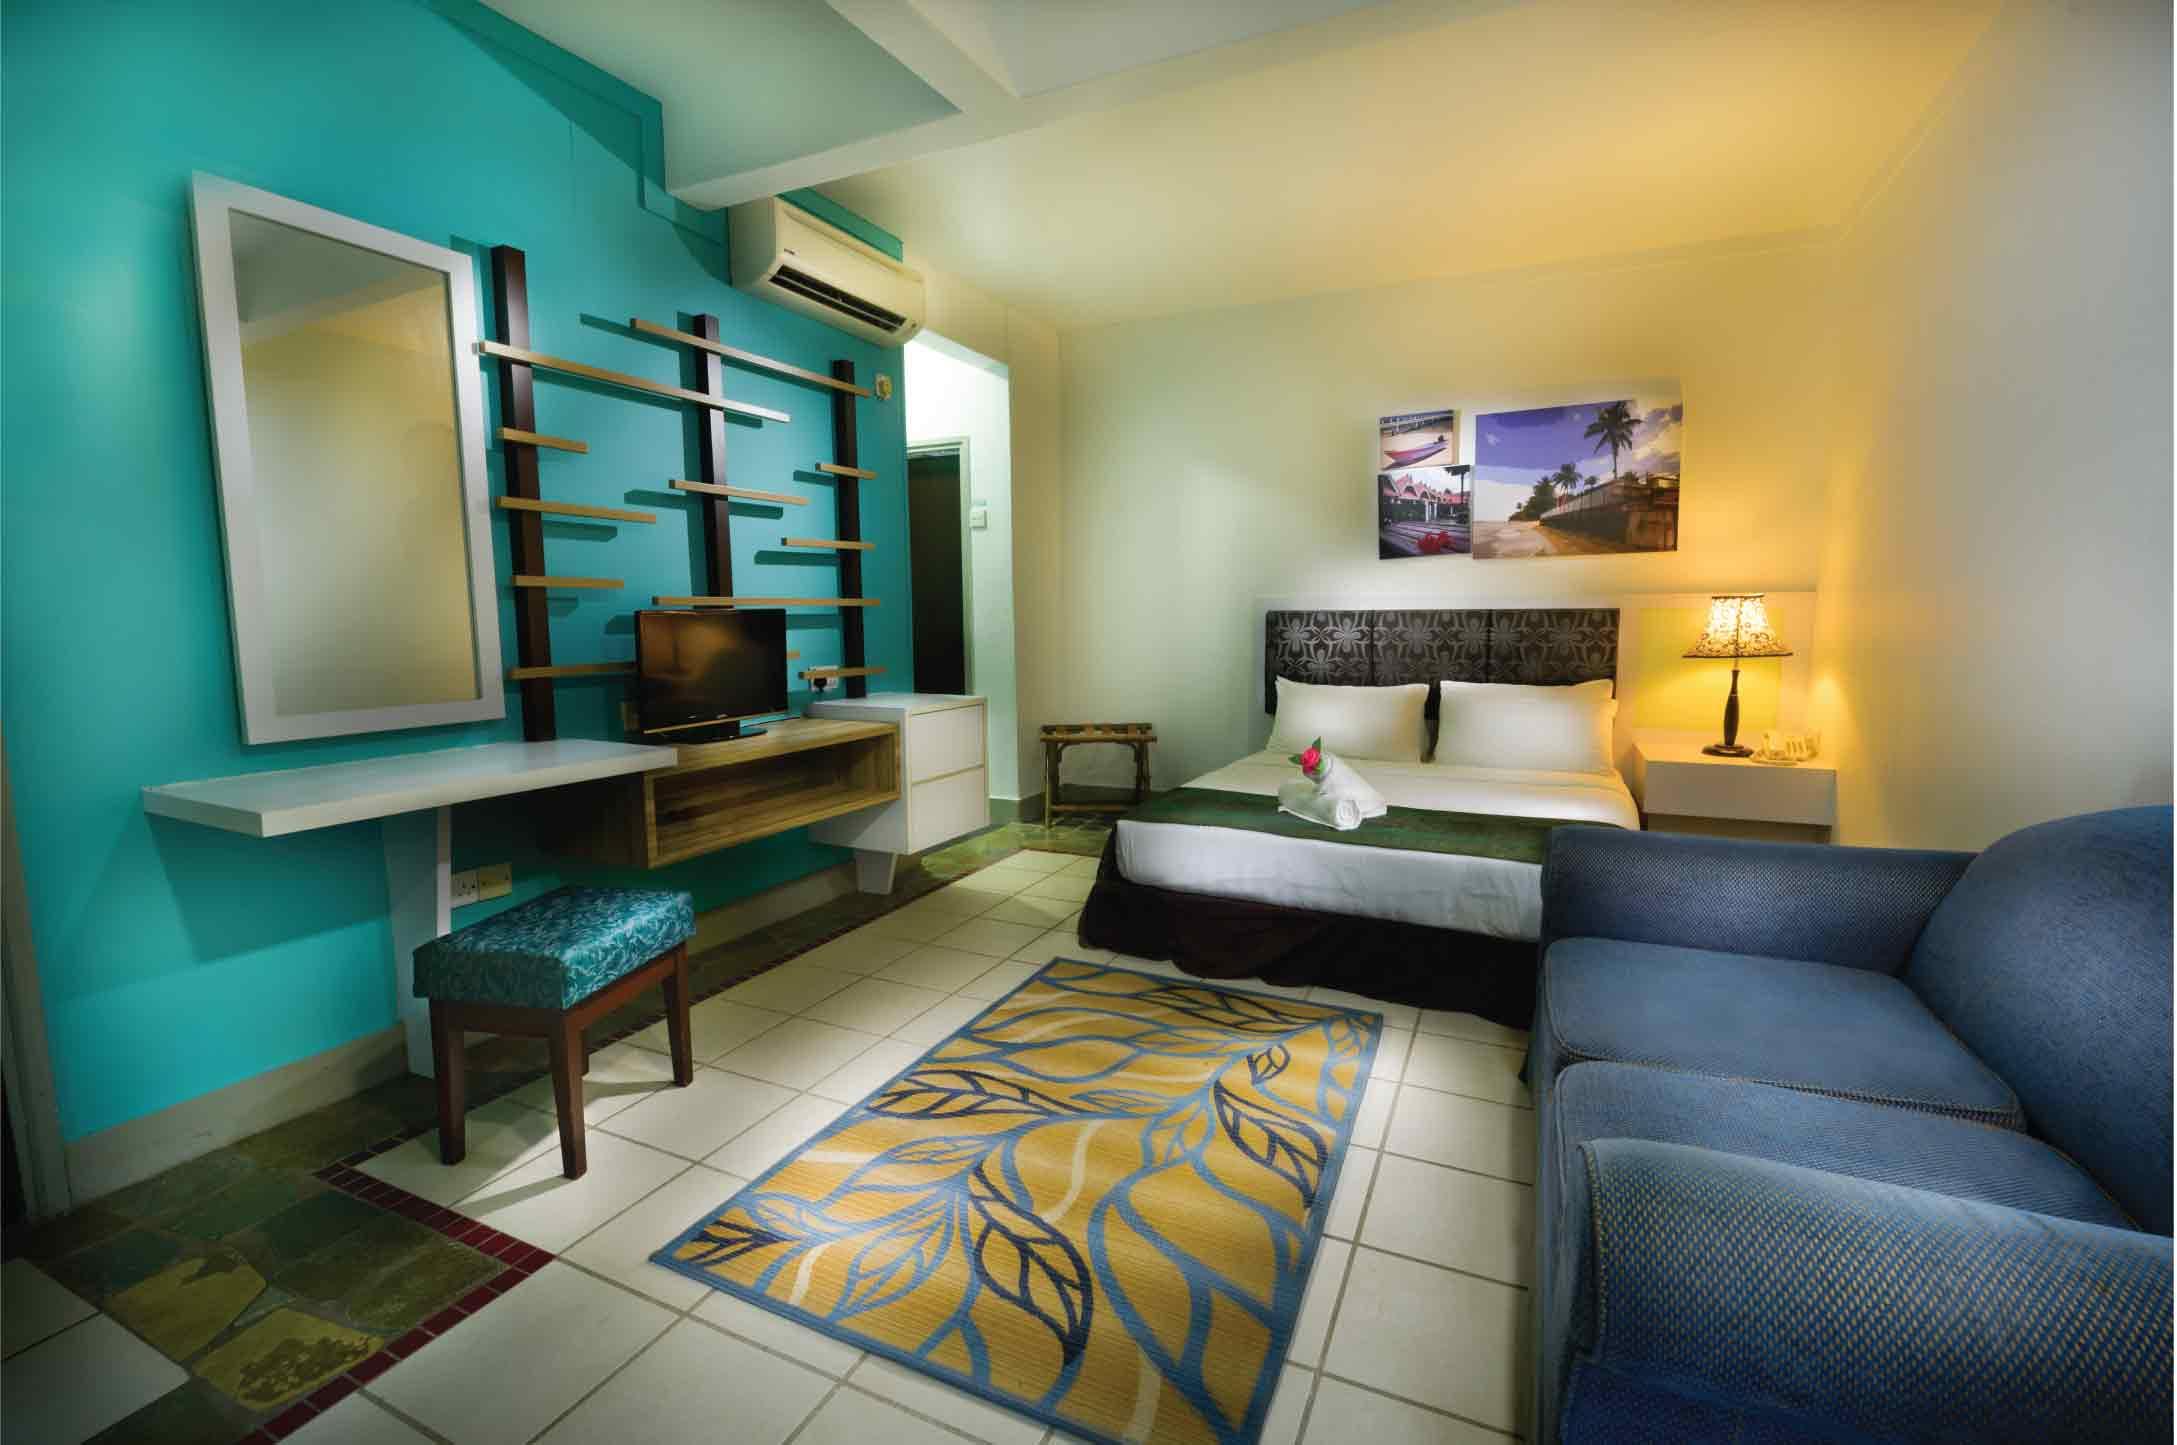 Resort in tioman-superior chalet